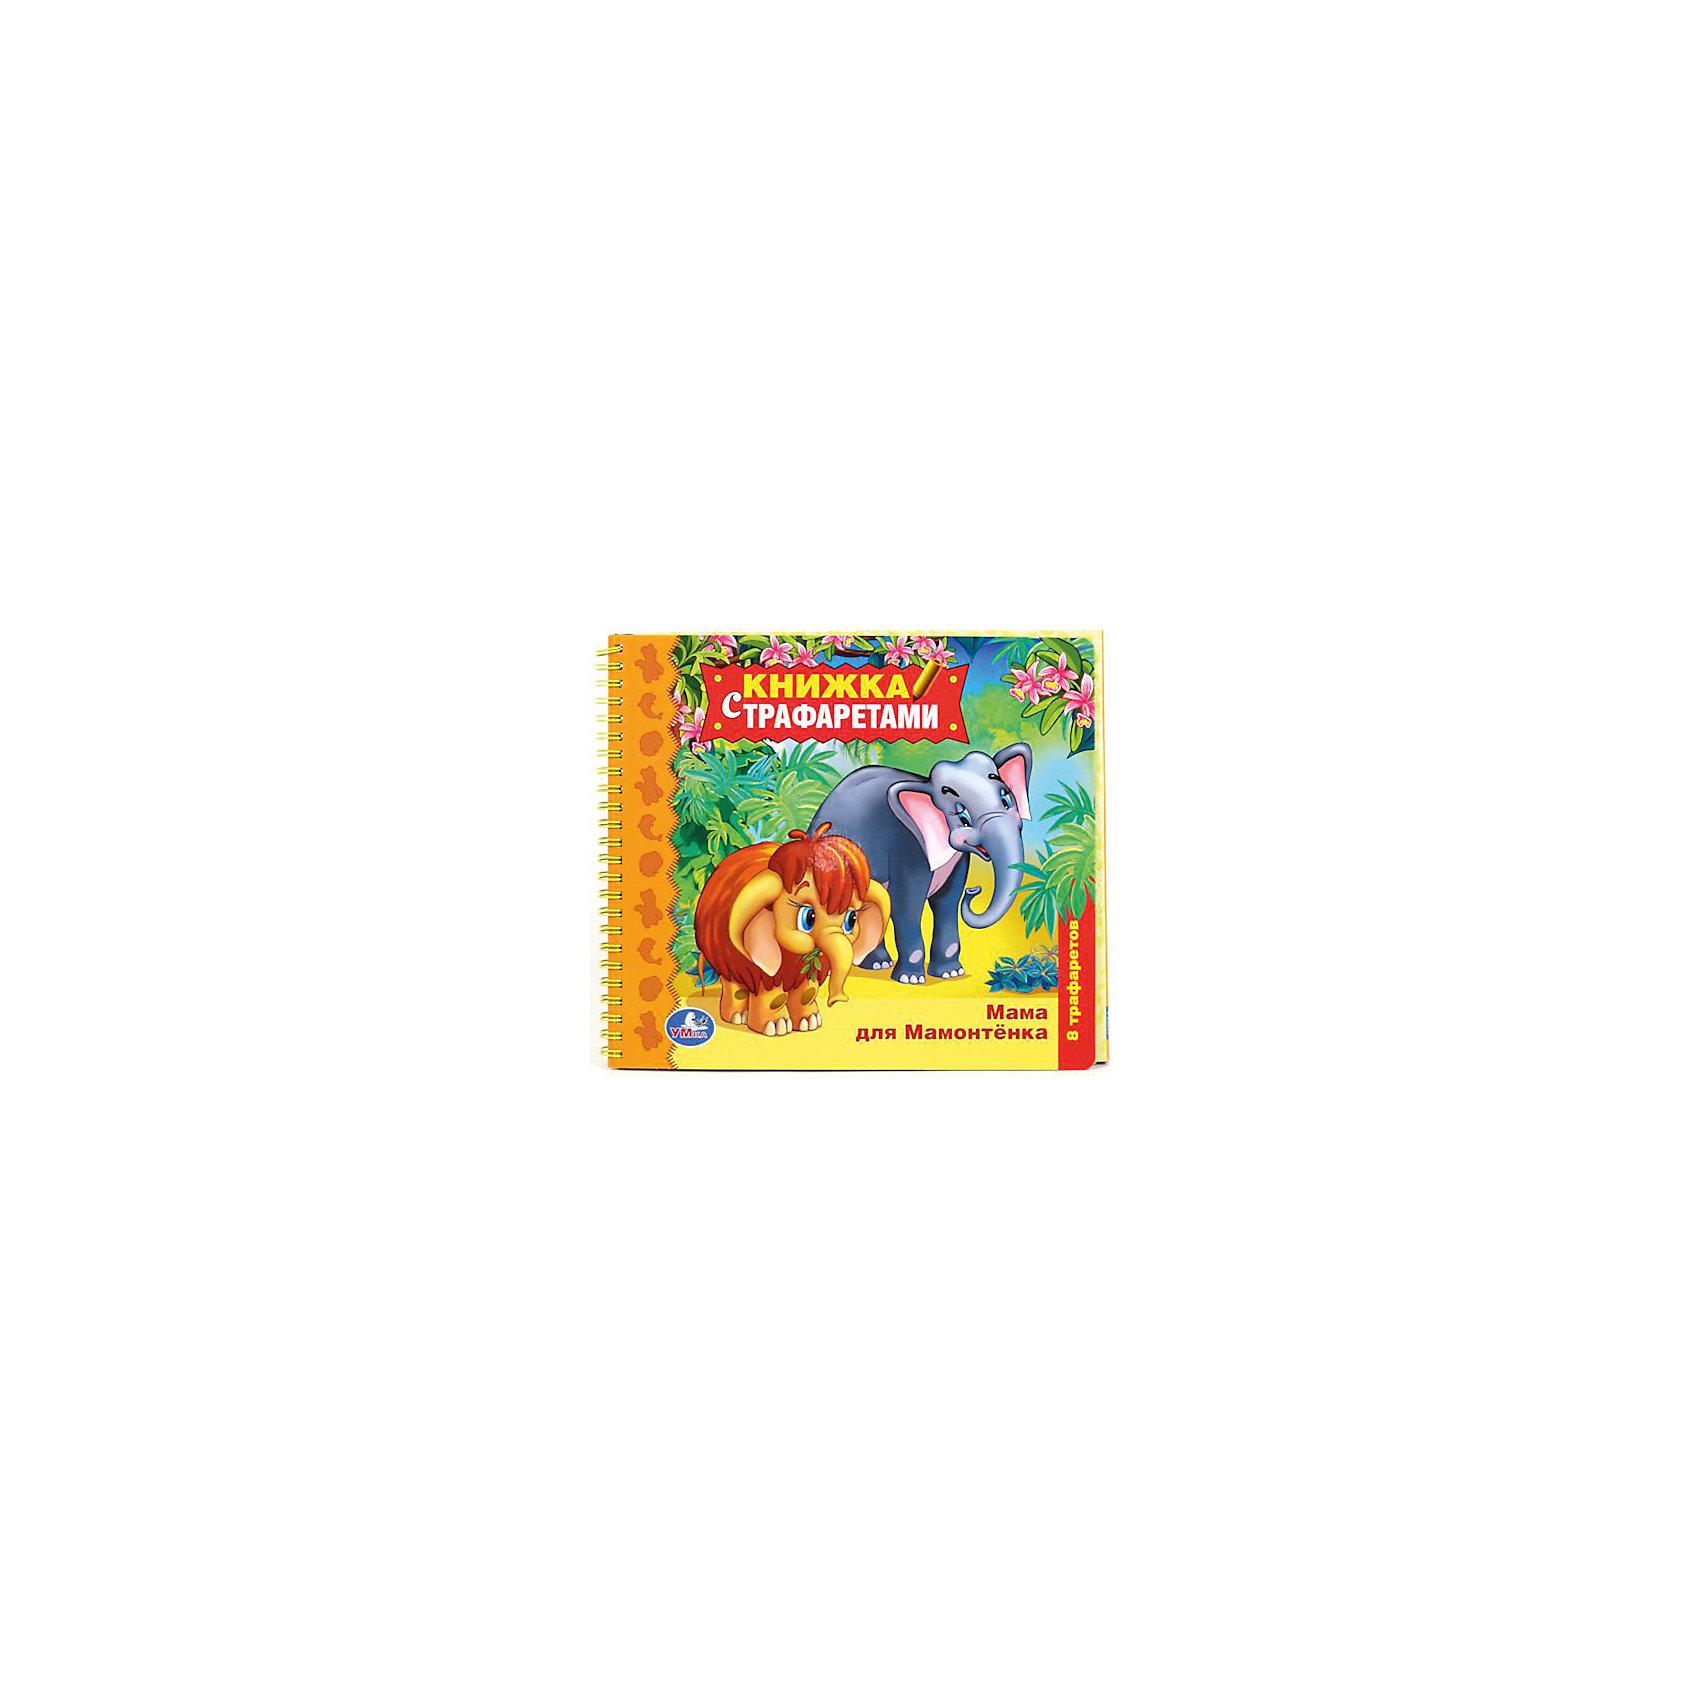 Книжка с трафаретами Мама для мамонтенка, УмкаВеликолепное издание - книжка с трафаретами Мама для мамонтенка Умка не оставит равнодушными ни детей, ни взрослых. Главной особенностью этой потрясающей книги является то, что в ней можно рисовать! С помощью трафаретов на страницах этой книги Ваш малыш сможет сам нарисовать и раскрасить героев произведения. Проявляя фантазию, дети лучше запоминают информацию, к тому же к книге со своими иллюстрациями хочется возвращаться снова и снова. А рисование по трафаретам и раскрашивание развивают мелкую моторику, усидчивость, терпение, внимание. <br><br>Дополнительная информация:<br>- рекомендуемый возраст: от 3 лет<br>- материалы: картон<br>- количество страниц: 16<br>- способ крепления: спираль<br>- размеры: 25 х 21 х 2 см<br>- вес: 400 гр<br><br>Книжку с трафаретами Мама для мамонтенка, Умка можно купить в нашем магазине.<br><br>Ширина мм: 250<br>Глубина мм: 210<br>Высота мм: 20<br>Вес г: 400<br>Возраст от месяцев: 24<br>Возраст до месяцев: 72<br>Пол: Унисекс<br>Возраст: Детский<br>SKU: 4754657